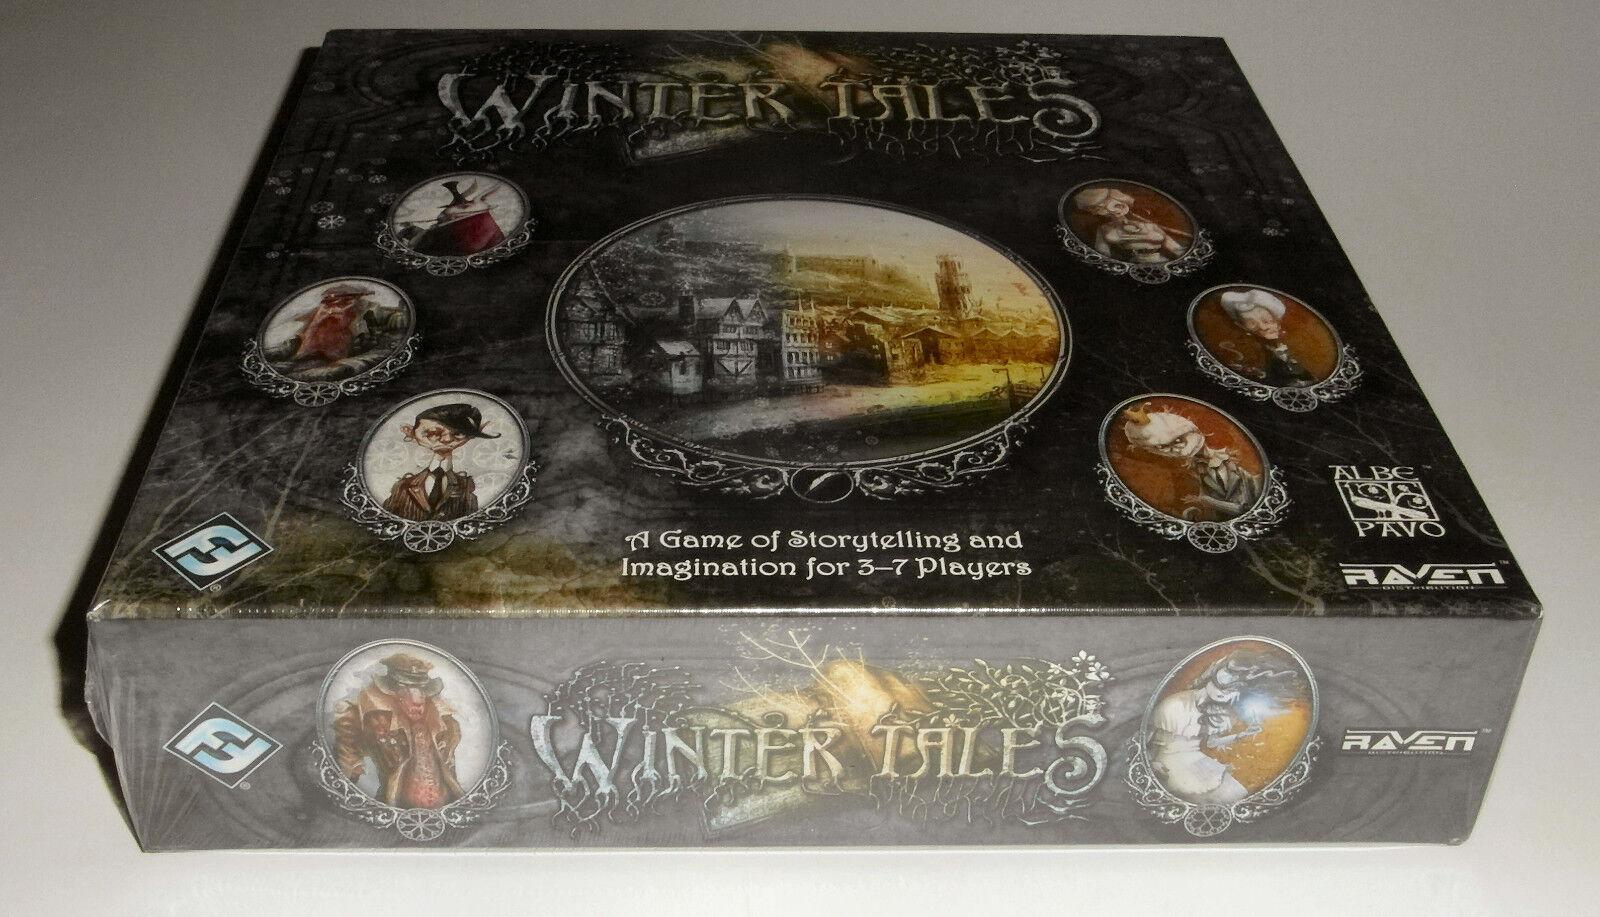 Superbe Noël sonné sonné, accueille les célébrations du nouvel Flight an Winter Tales-Fantasy Flight nouvel Games - 2014 9000eb